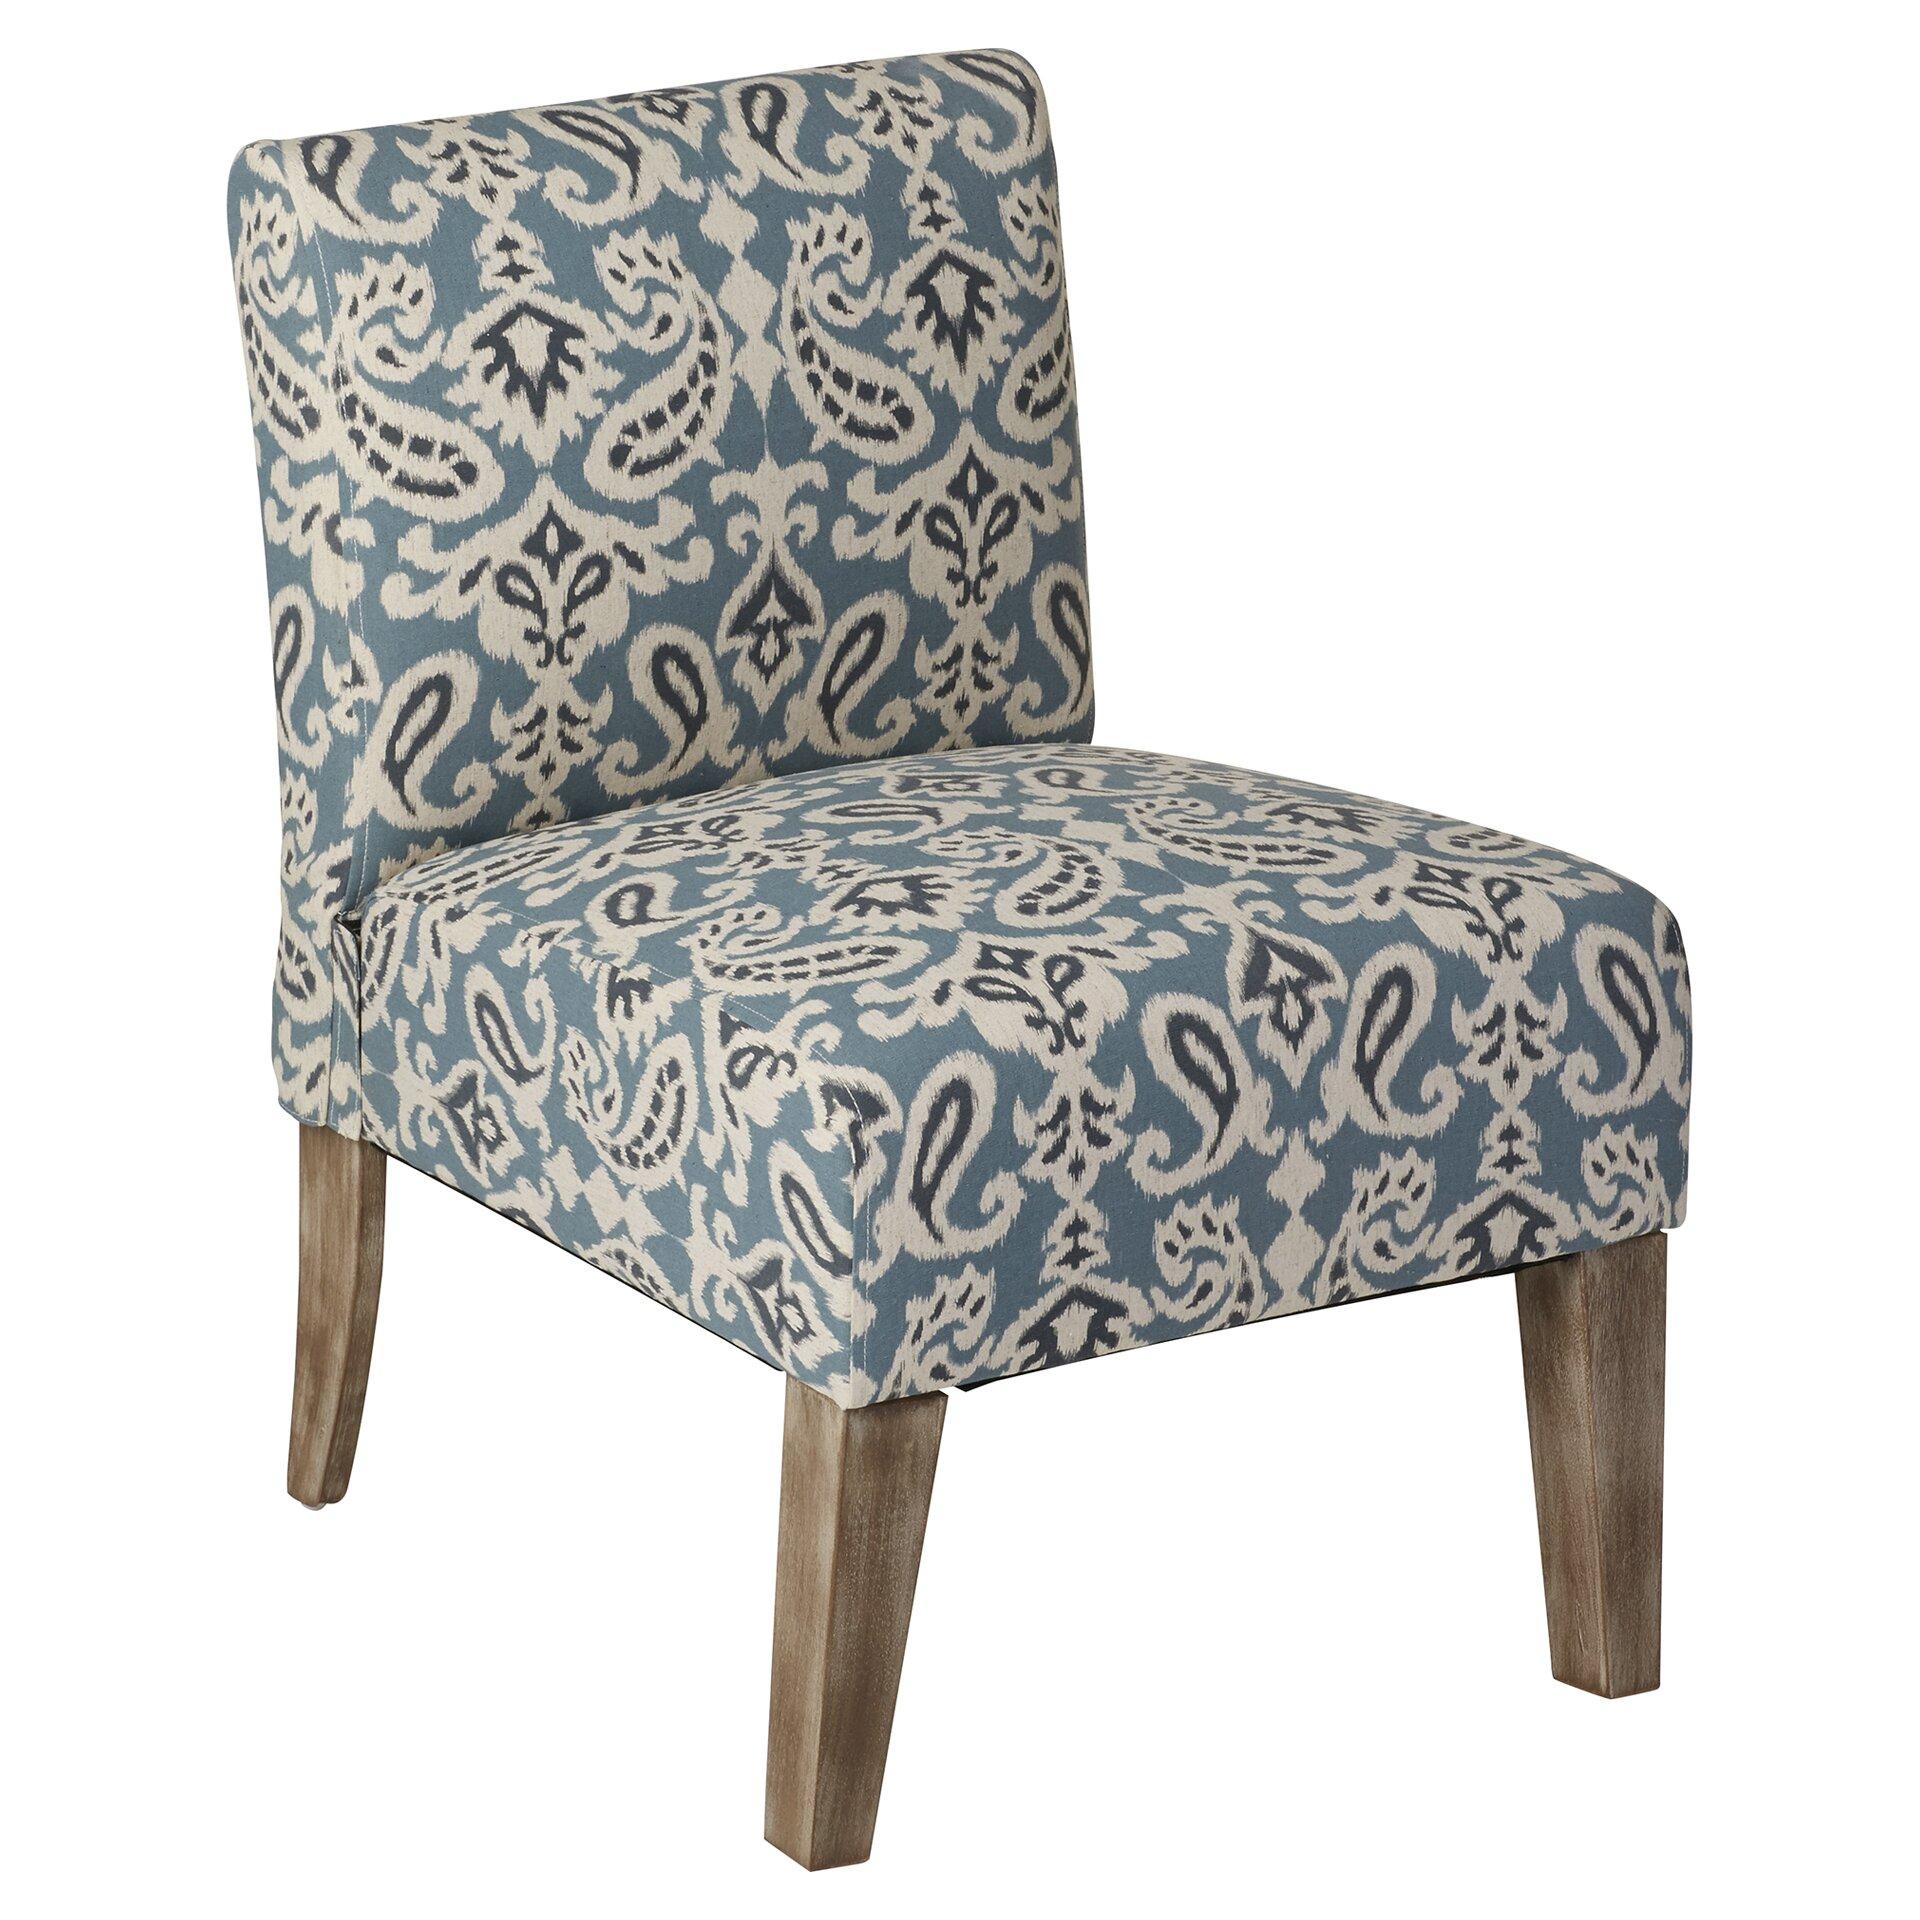 Blue tufted slipper chair - Filename Paisley Slipper Chair In Blue Jpg